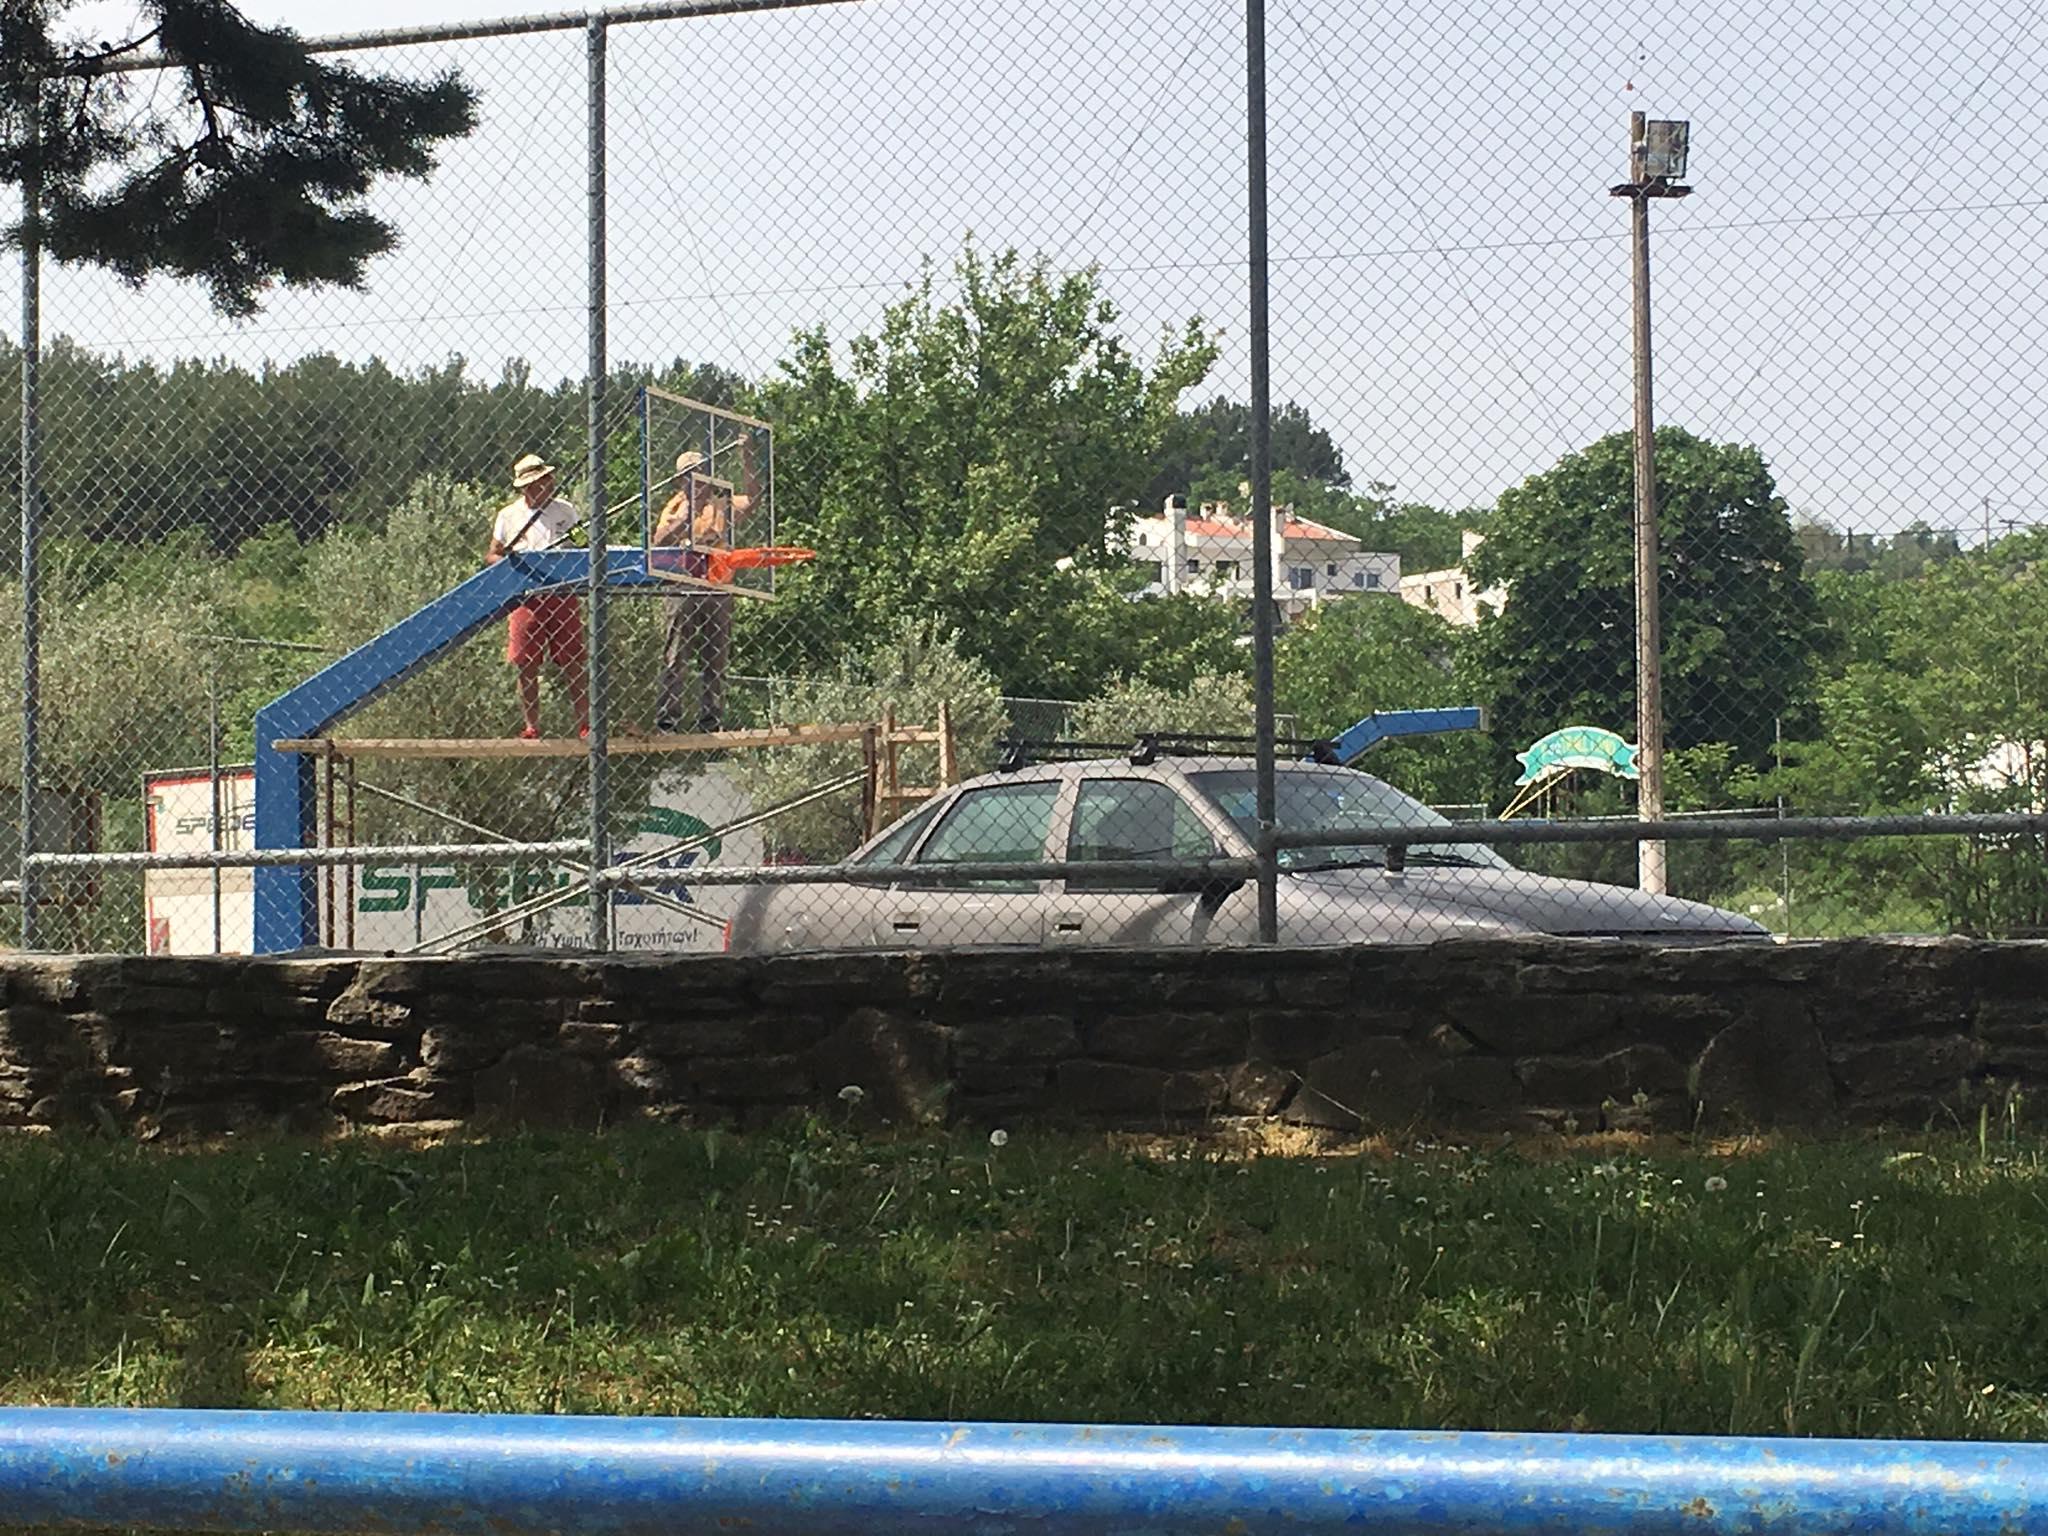 Σέρρες: Τοποθετούνται μπασκέτες στα ανοιχτά γήπεδα της Κοιλάδας (Εικόνες)